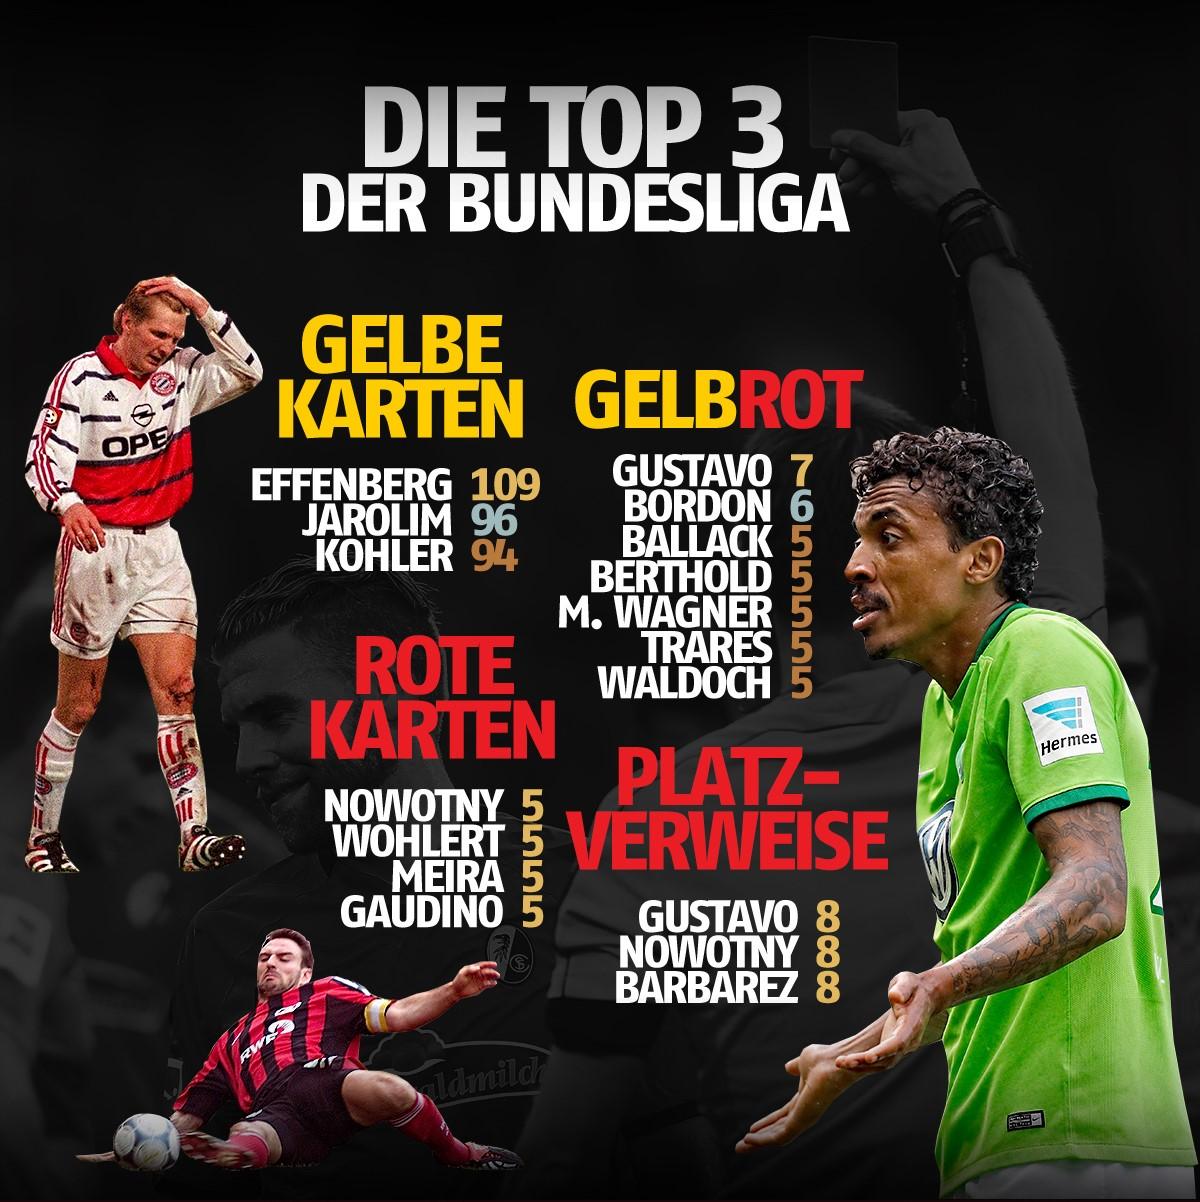 Rote Karte Wm 2018.Die Größten Bundesliga Treter Sergio Ramos Führt International